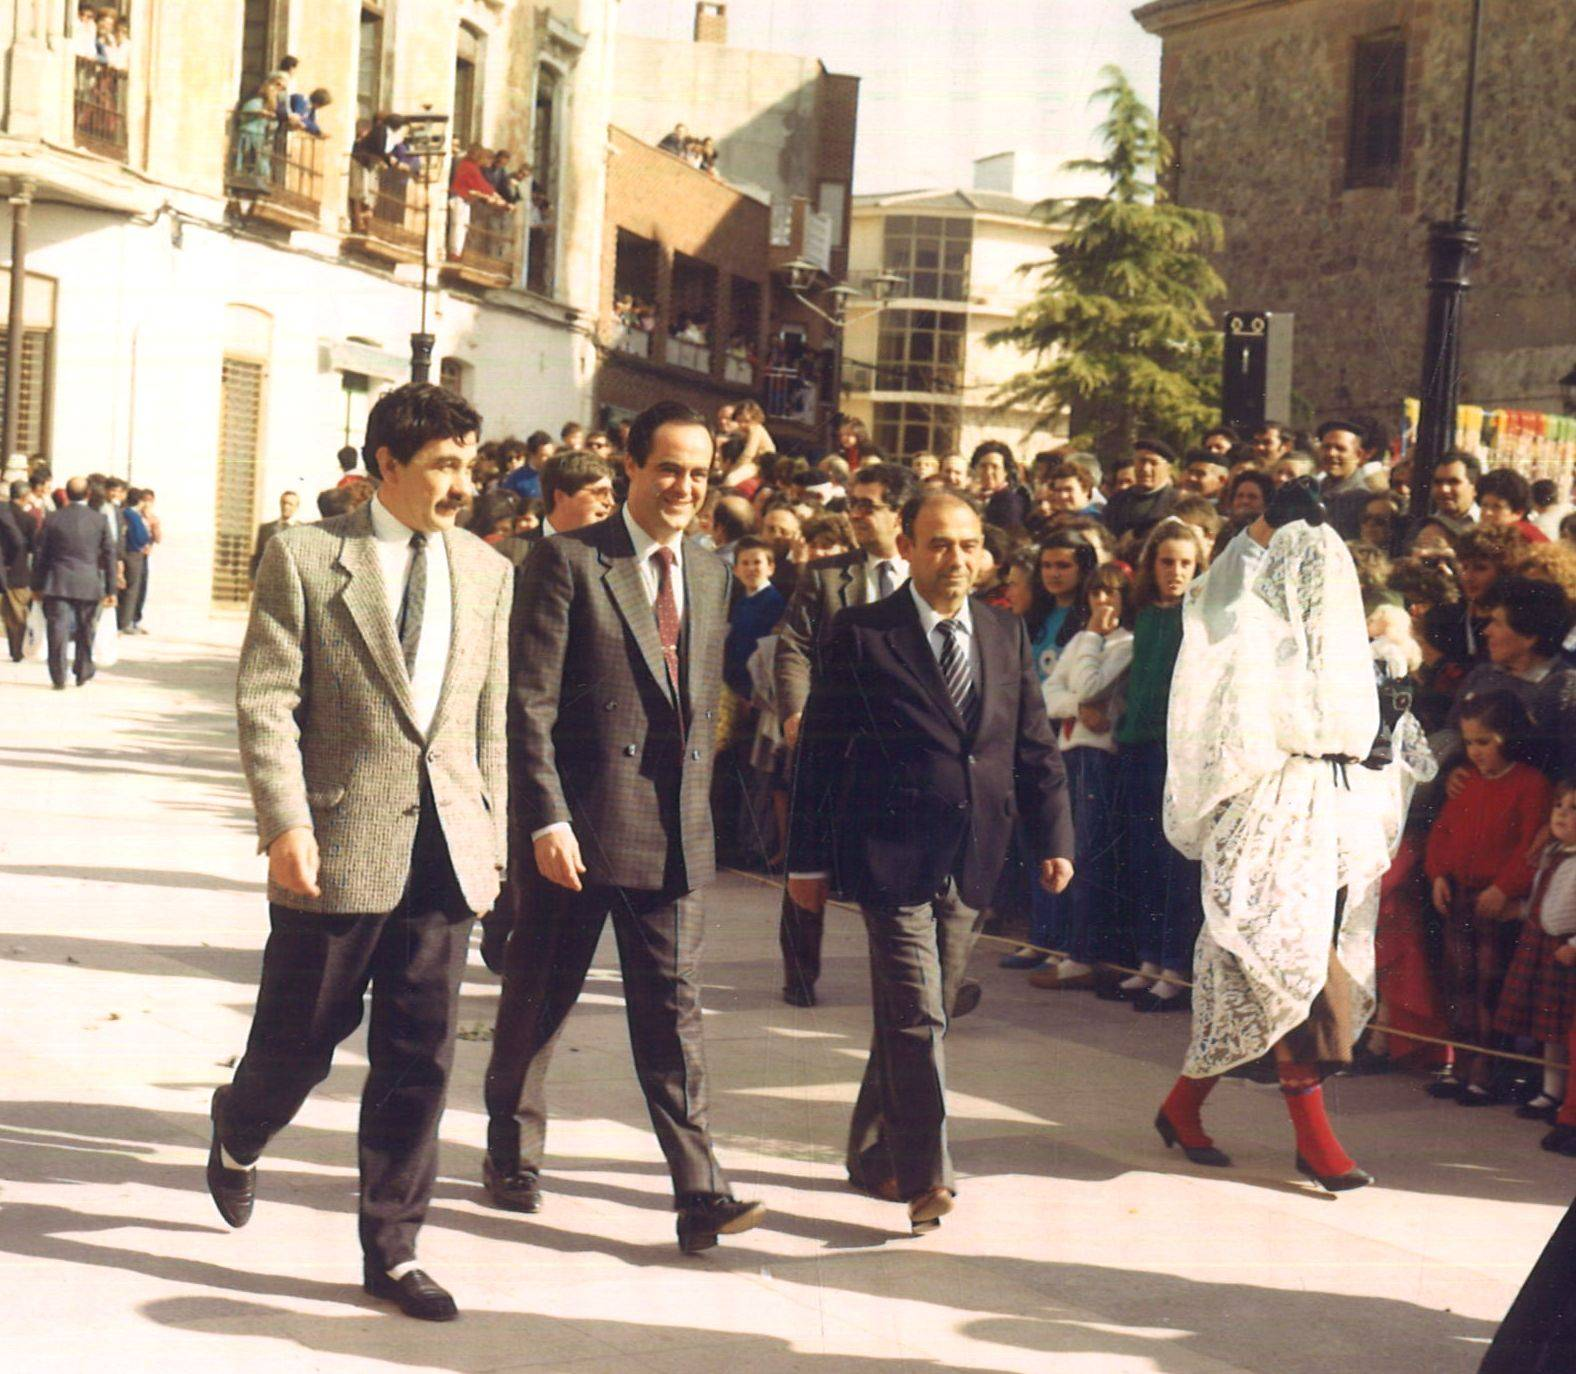 Carnaval Herencia 1987 Jose Bono 1 - De nuevo carnavaleando por febrero